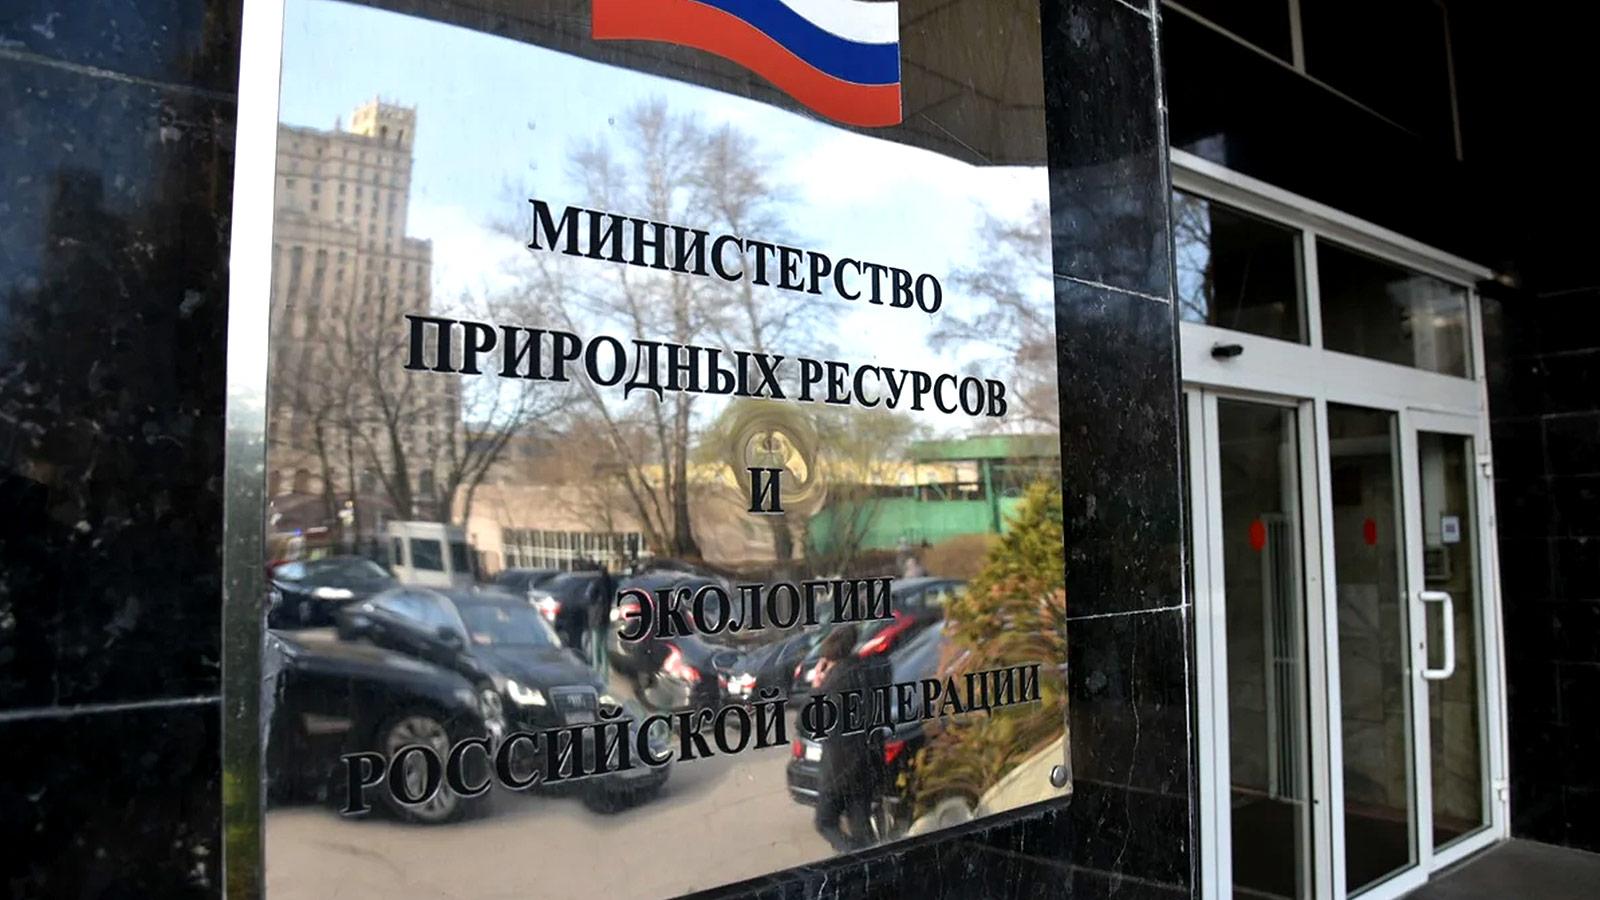 Общая стоимость пресной воды на территории РФ оценивается Минприроды в 1,3 млрд. руб.